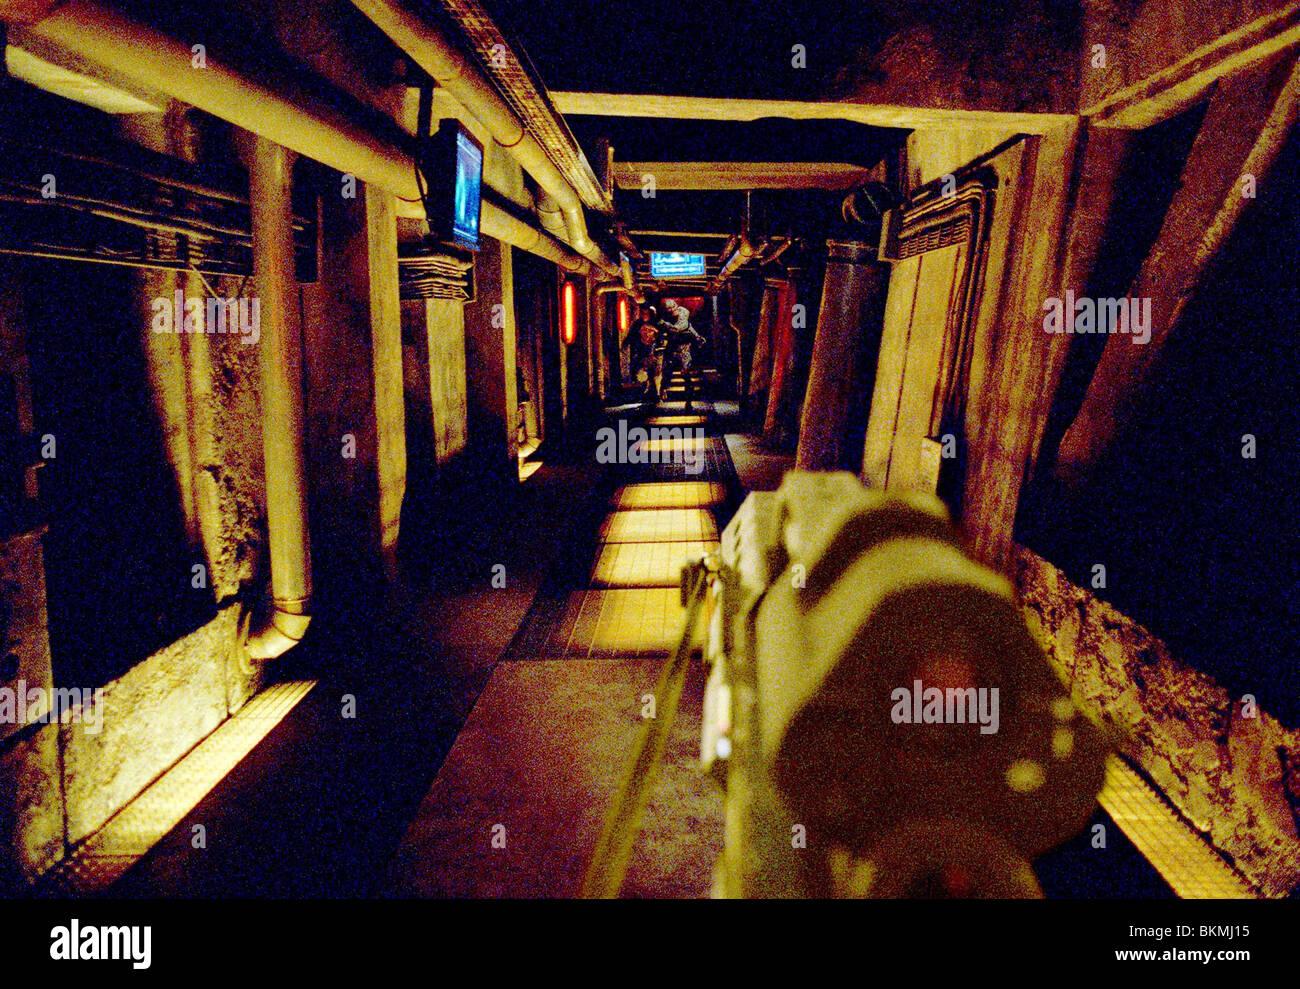 DOOM -2005 Photo Stock